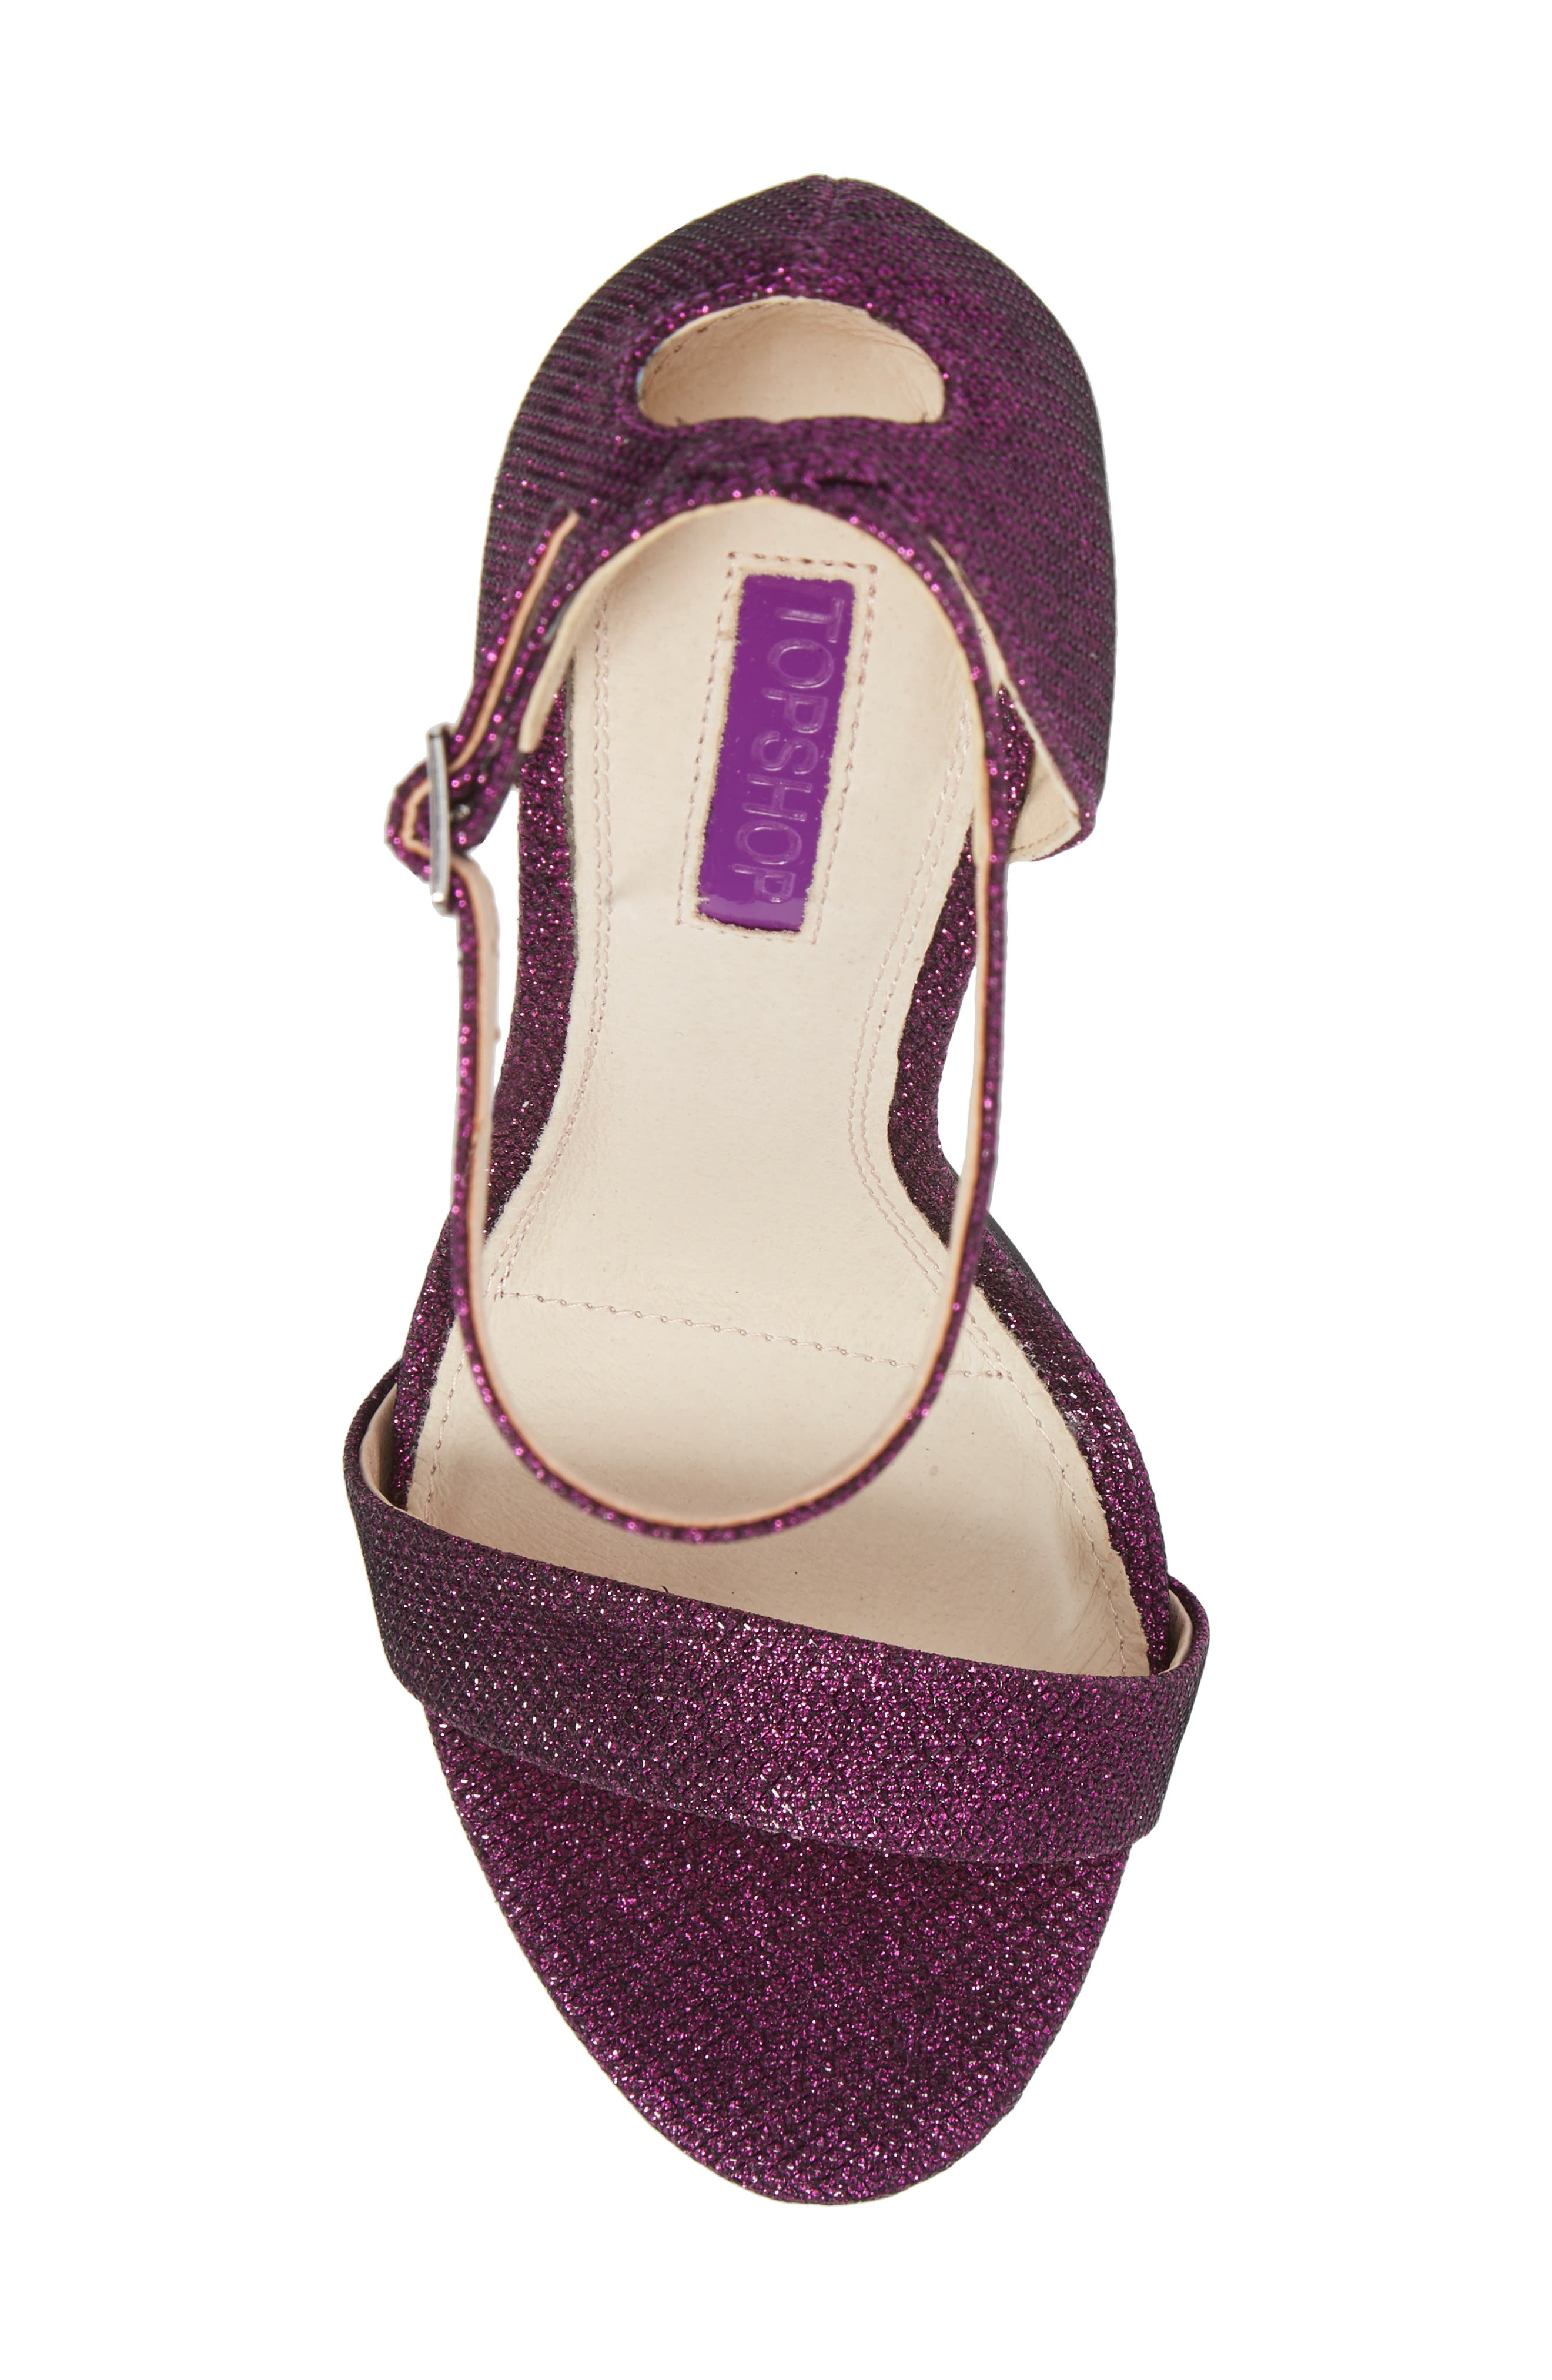 Raphie Ankle Strap Sandal,                             Alternate thumbnail 5, color,                             PURPLE